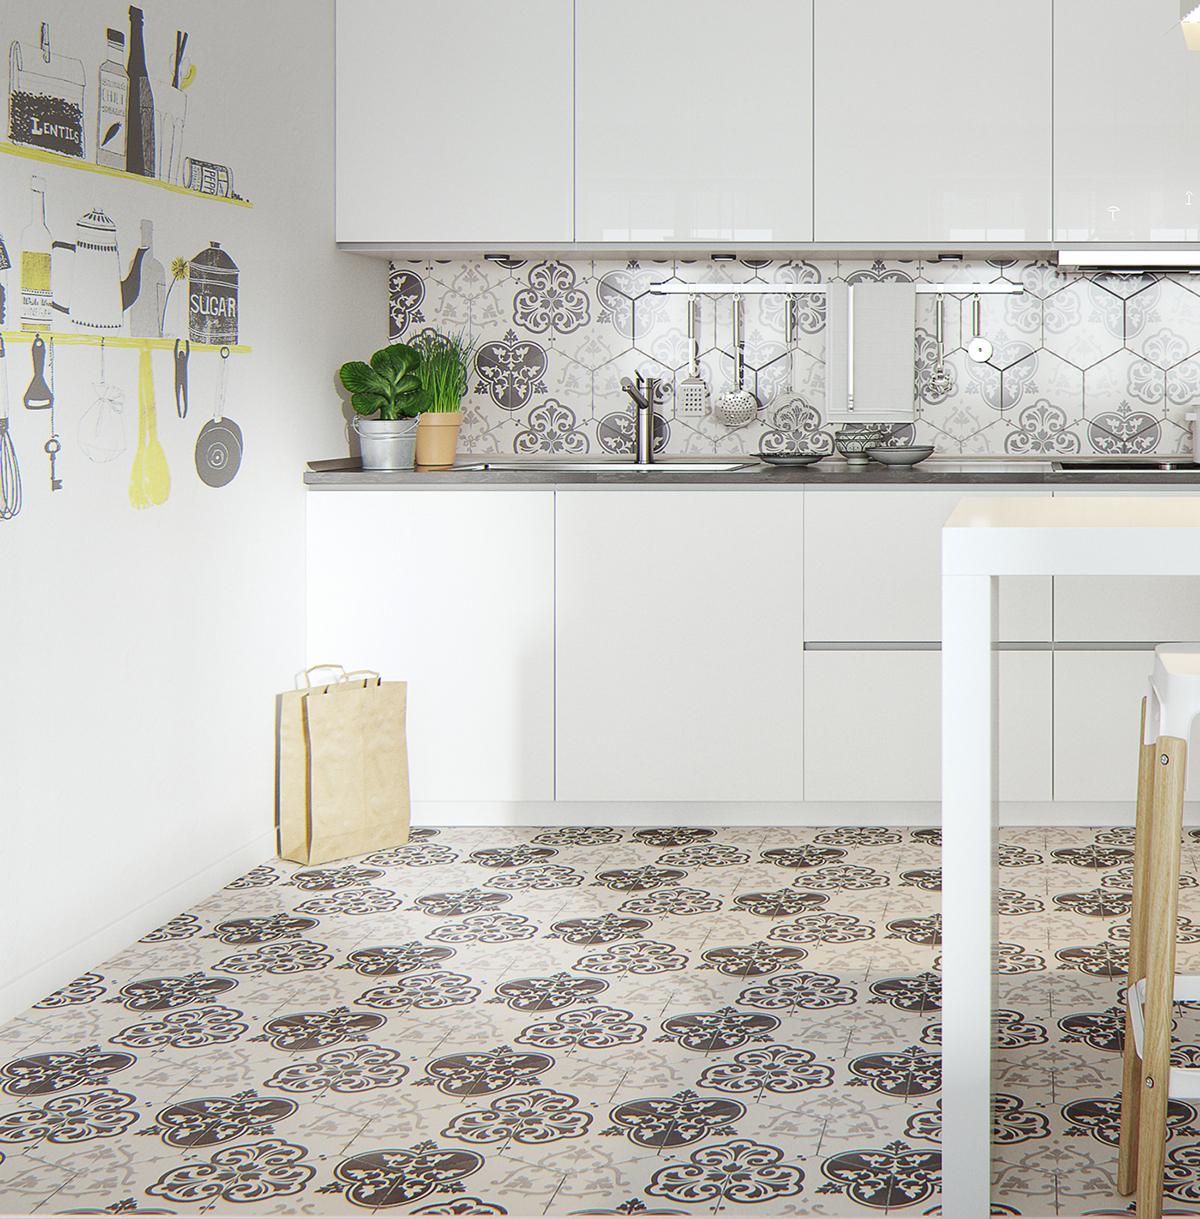 15a0cd730 Tendência 2017  azulejos especiais nas cozinhas